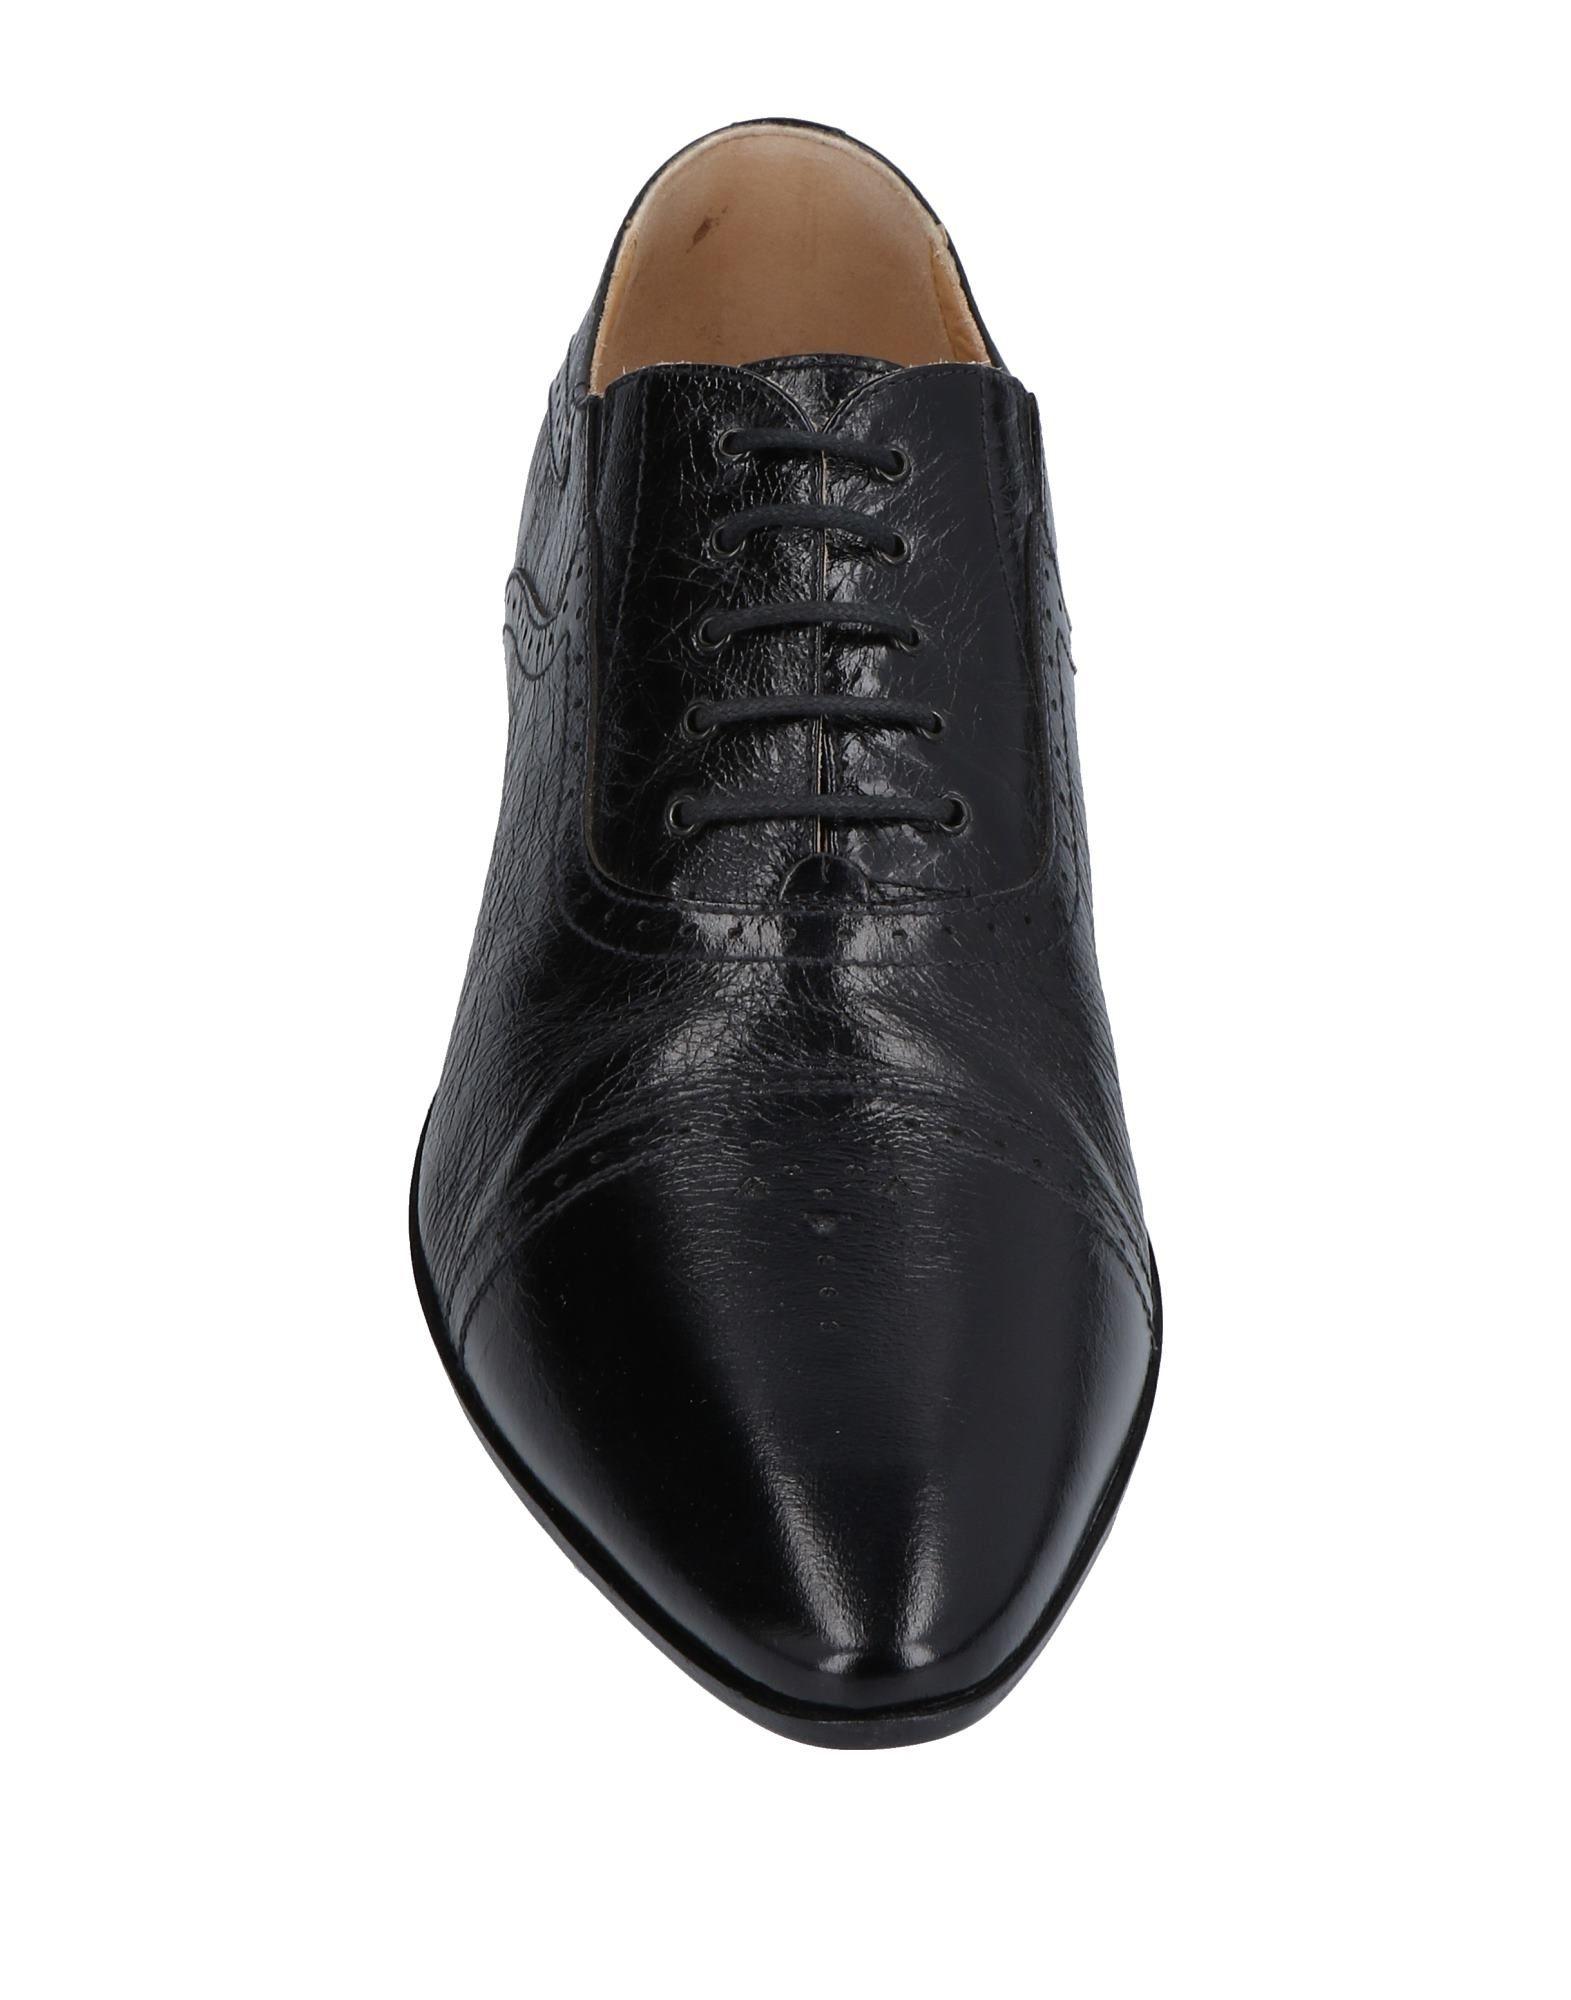 Rabatt Giardini echte Schuhe Nero Giardini Rabatt Schnürschuhe Herren  11499950BX 389015